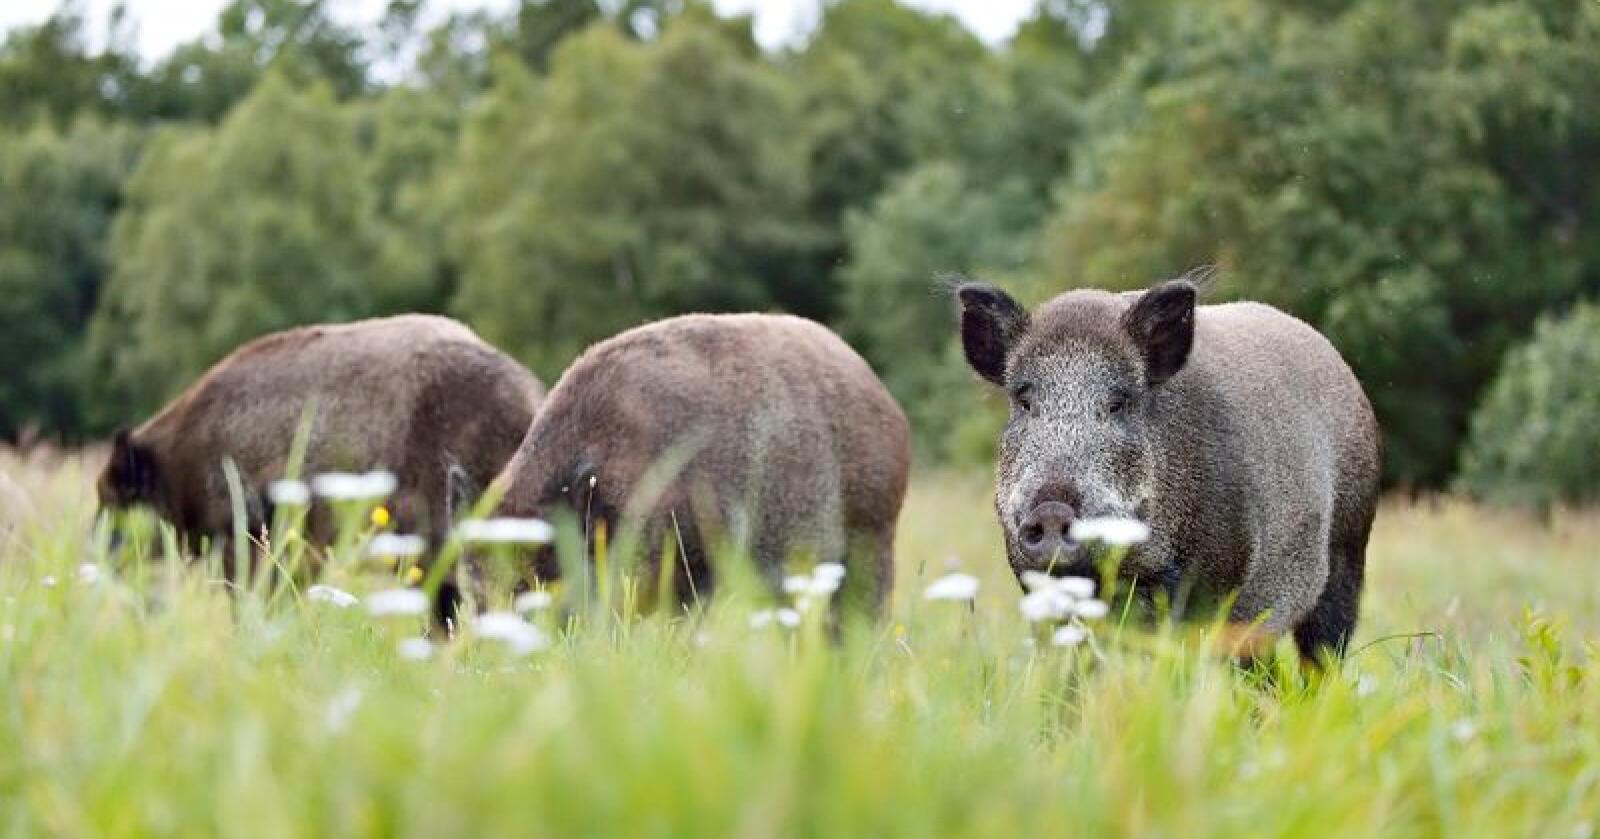 Belgia fikk registrert afrikansk svinepest i september 2018. Nå sprer sjukdommen seg i landet. Foto: Erik Mandre/Mostphotos